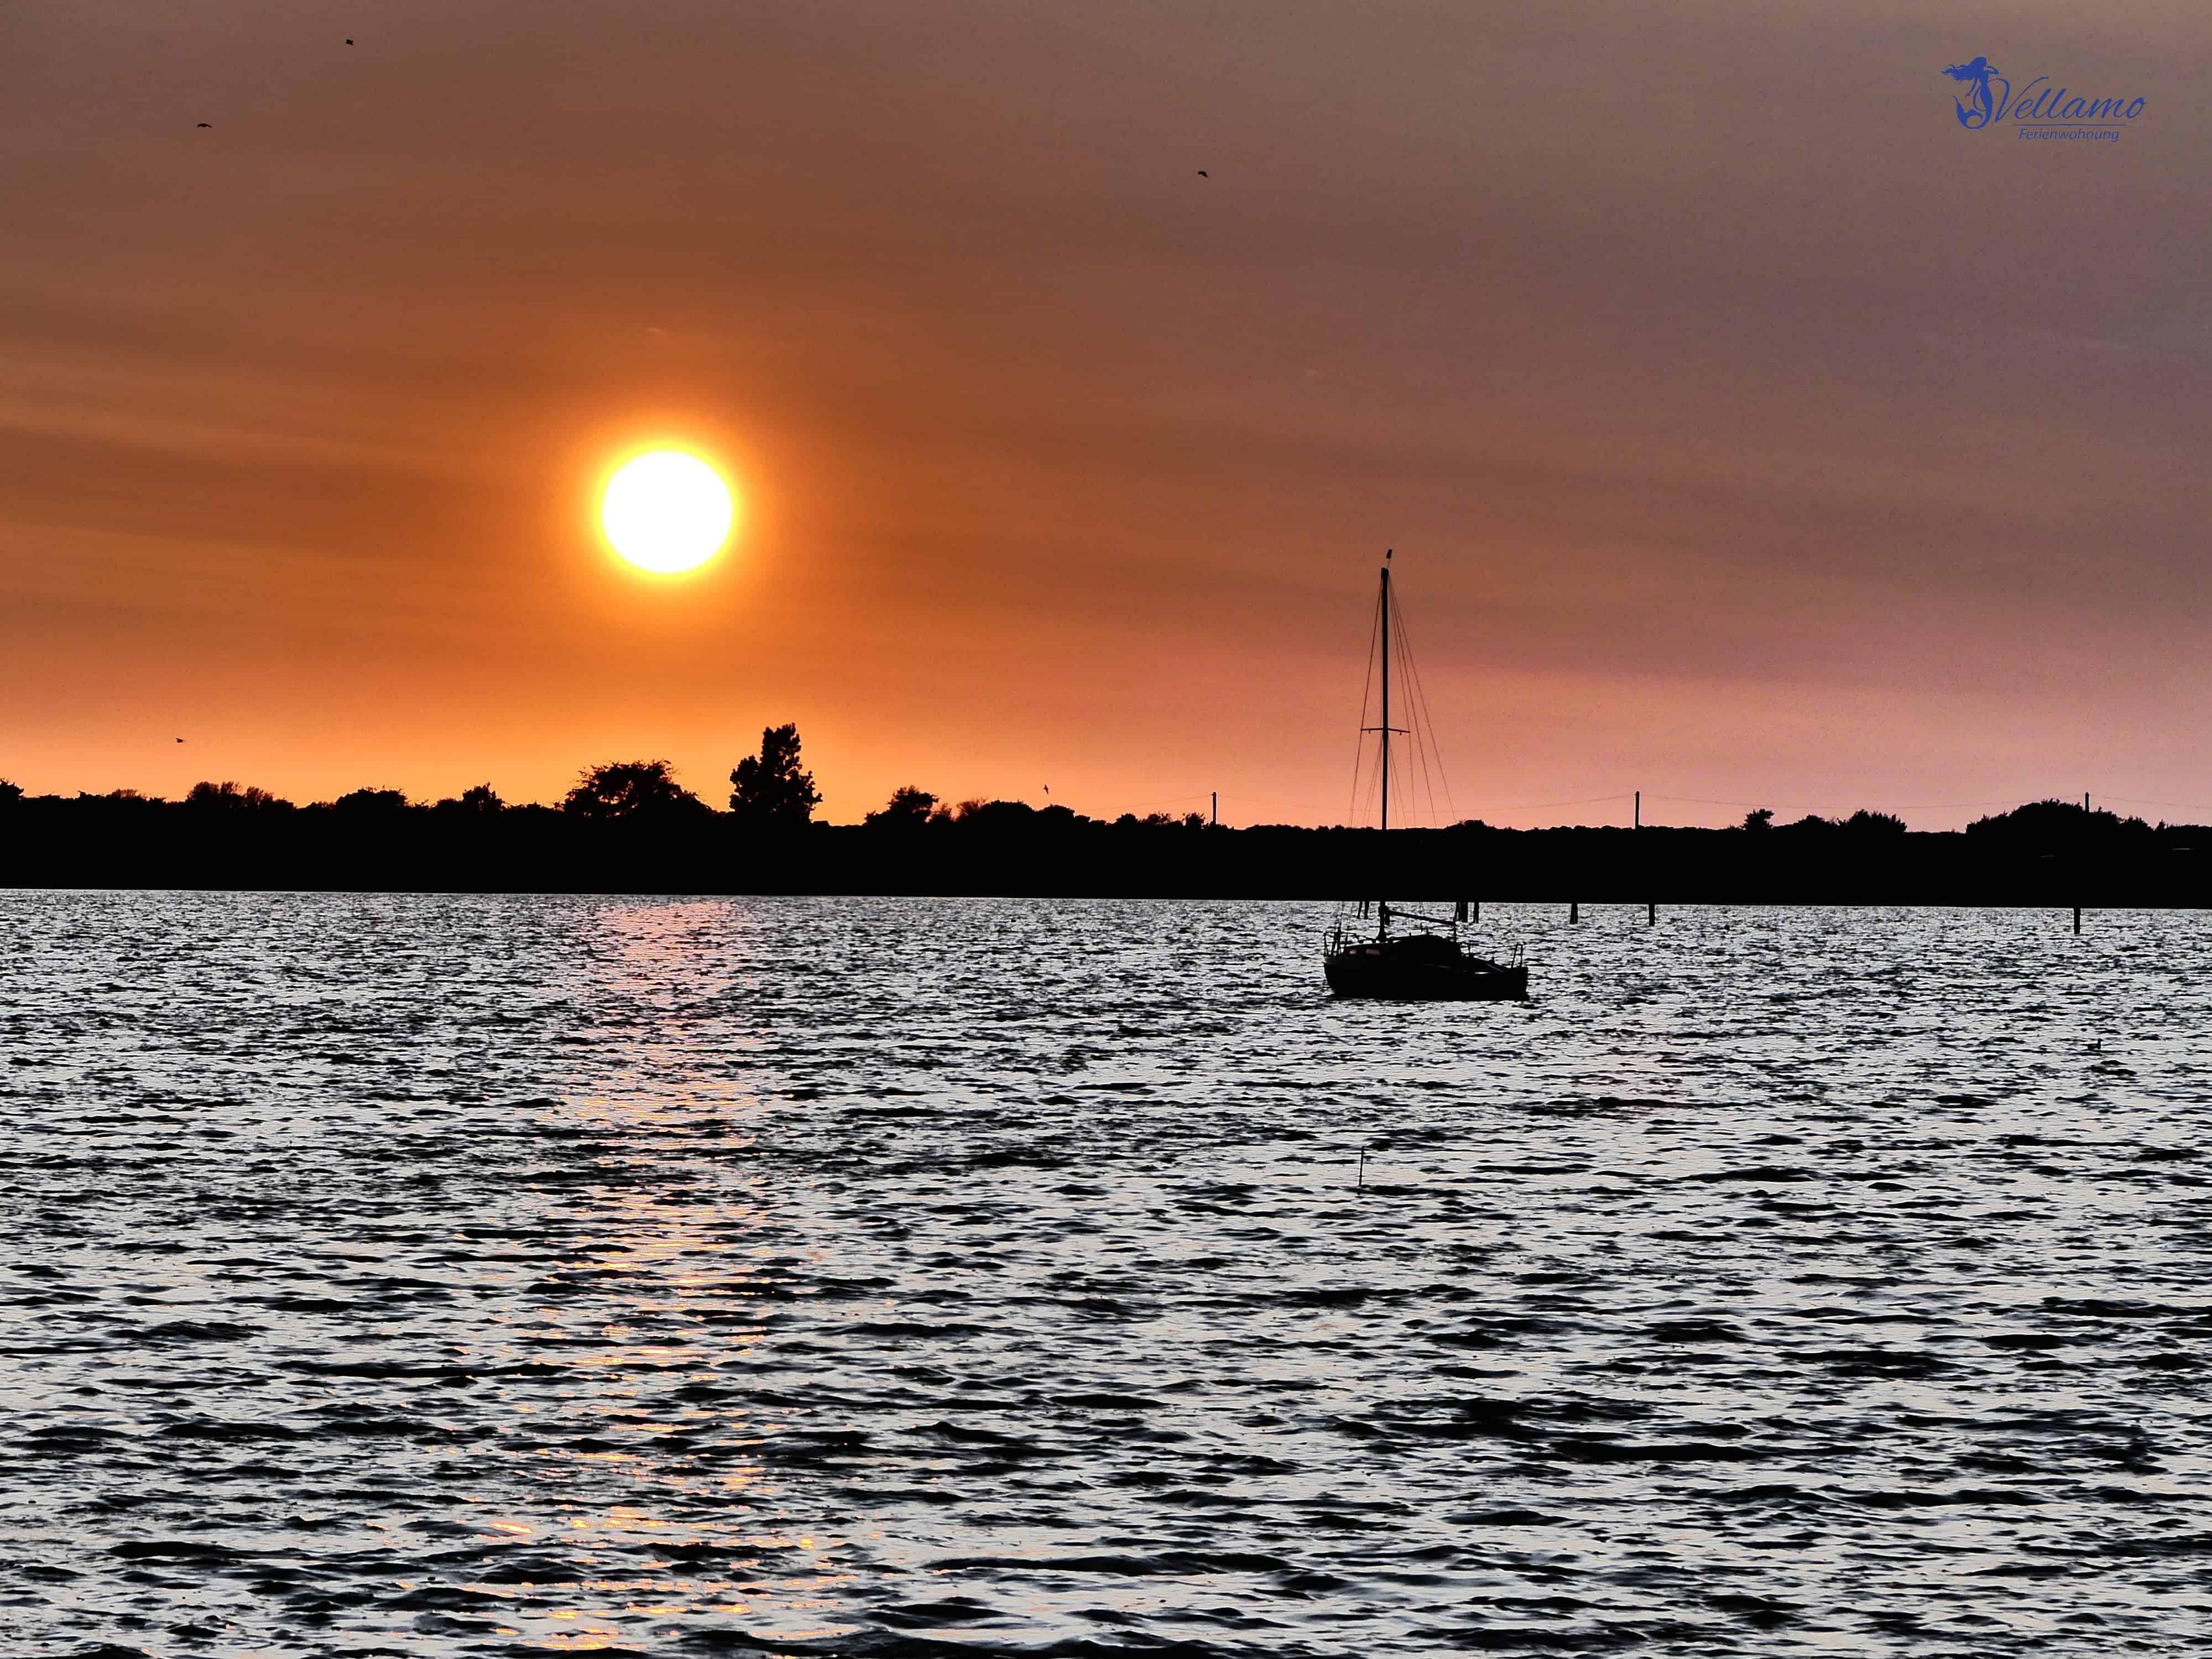 Impressionen Ostseebad Rerik - Sonnenuntergang über dem Haff